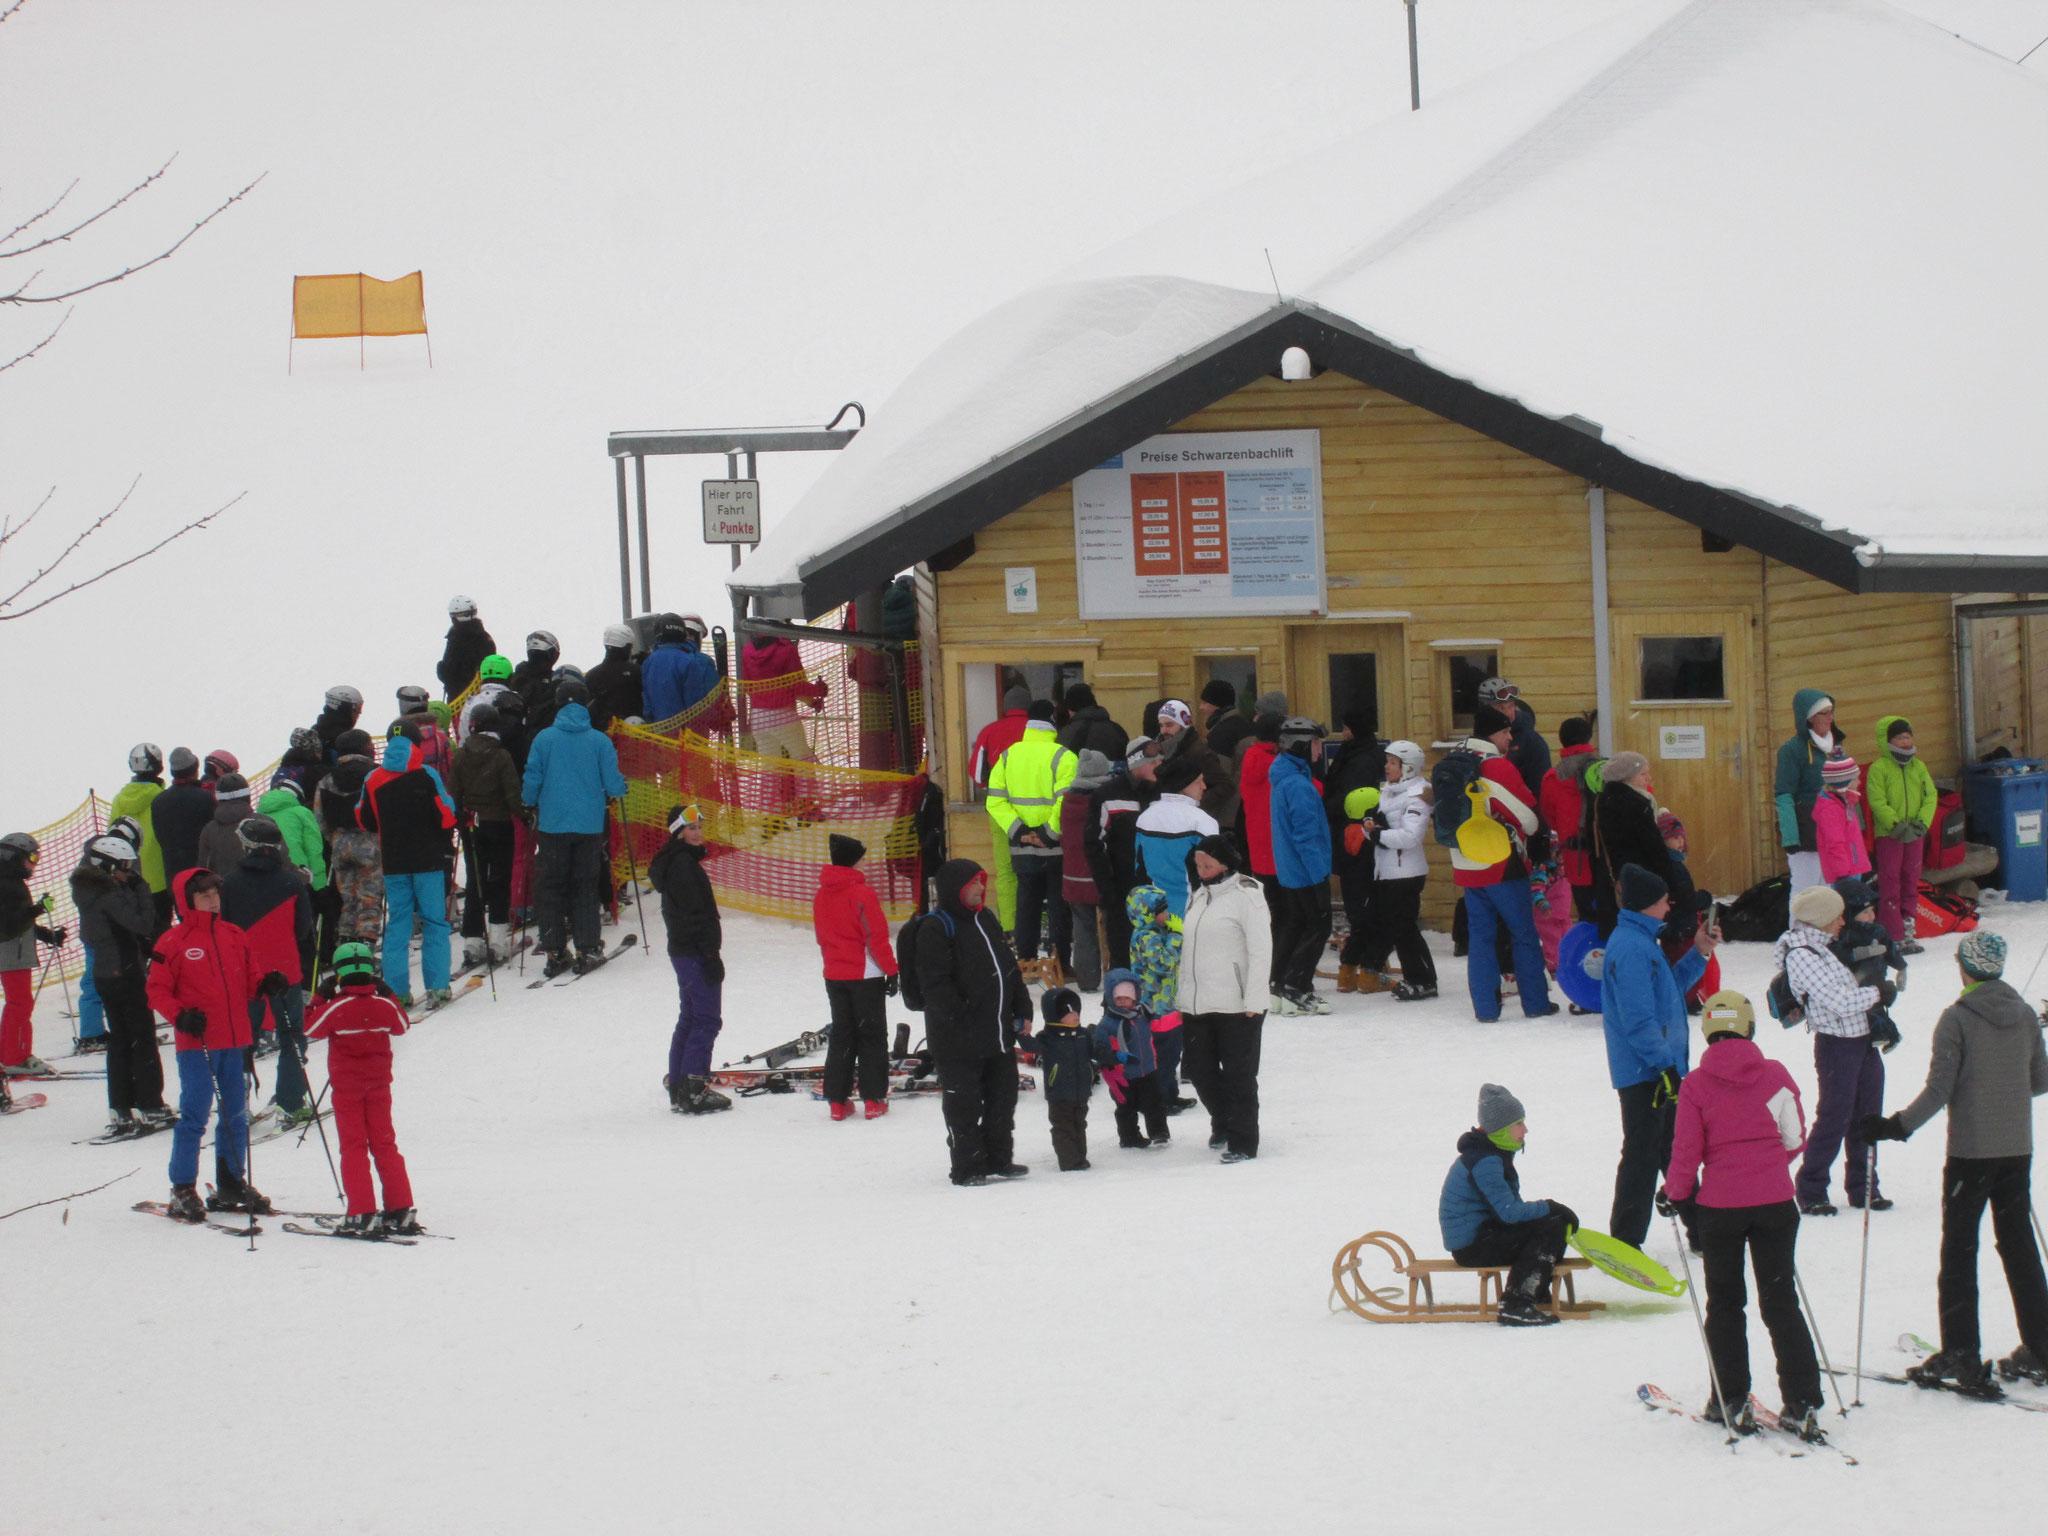 Beim Skilift bleibe ich stehen und erinnere mich. Viele Male bin ich als Kind mit meiner Familie hier angestanden, die Skistöcke in den Schnee gestemmt, bin aufgerückt, und hab einen Liftbügel geschnappt, der mich hinaufzog,